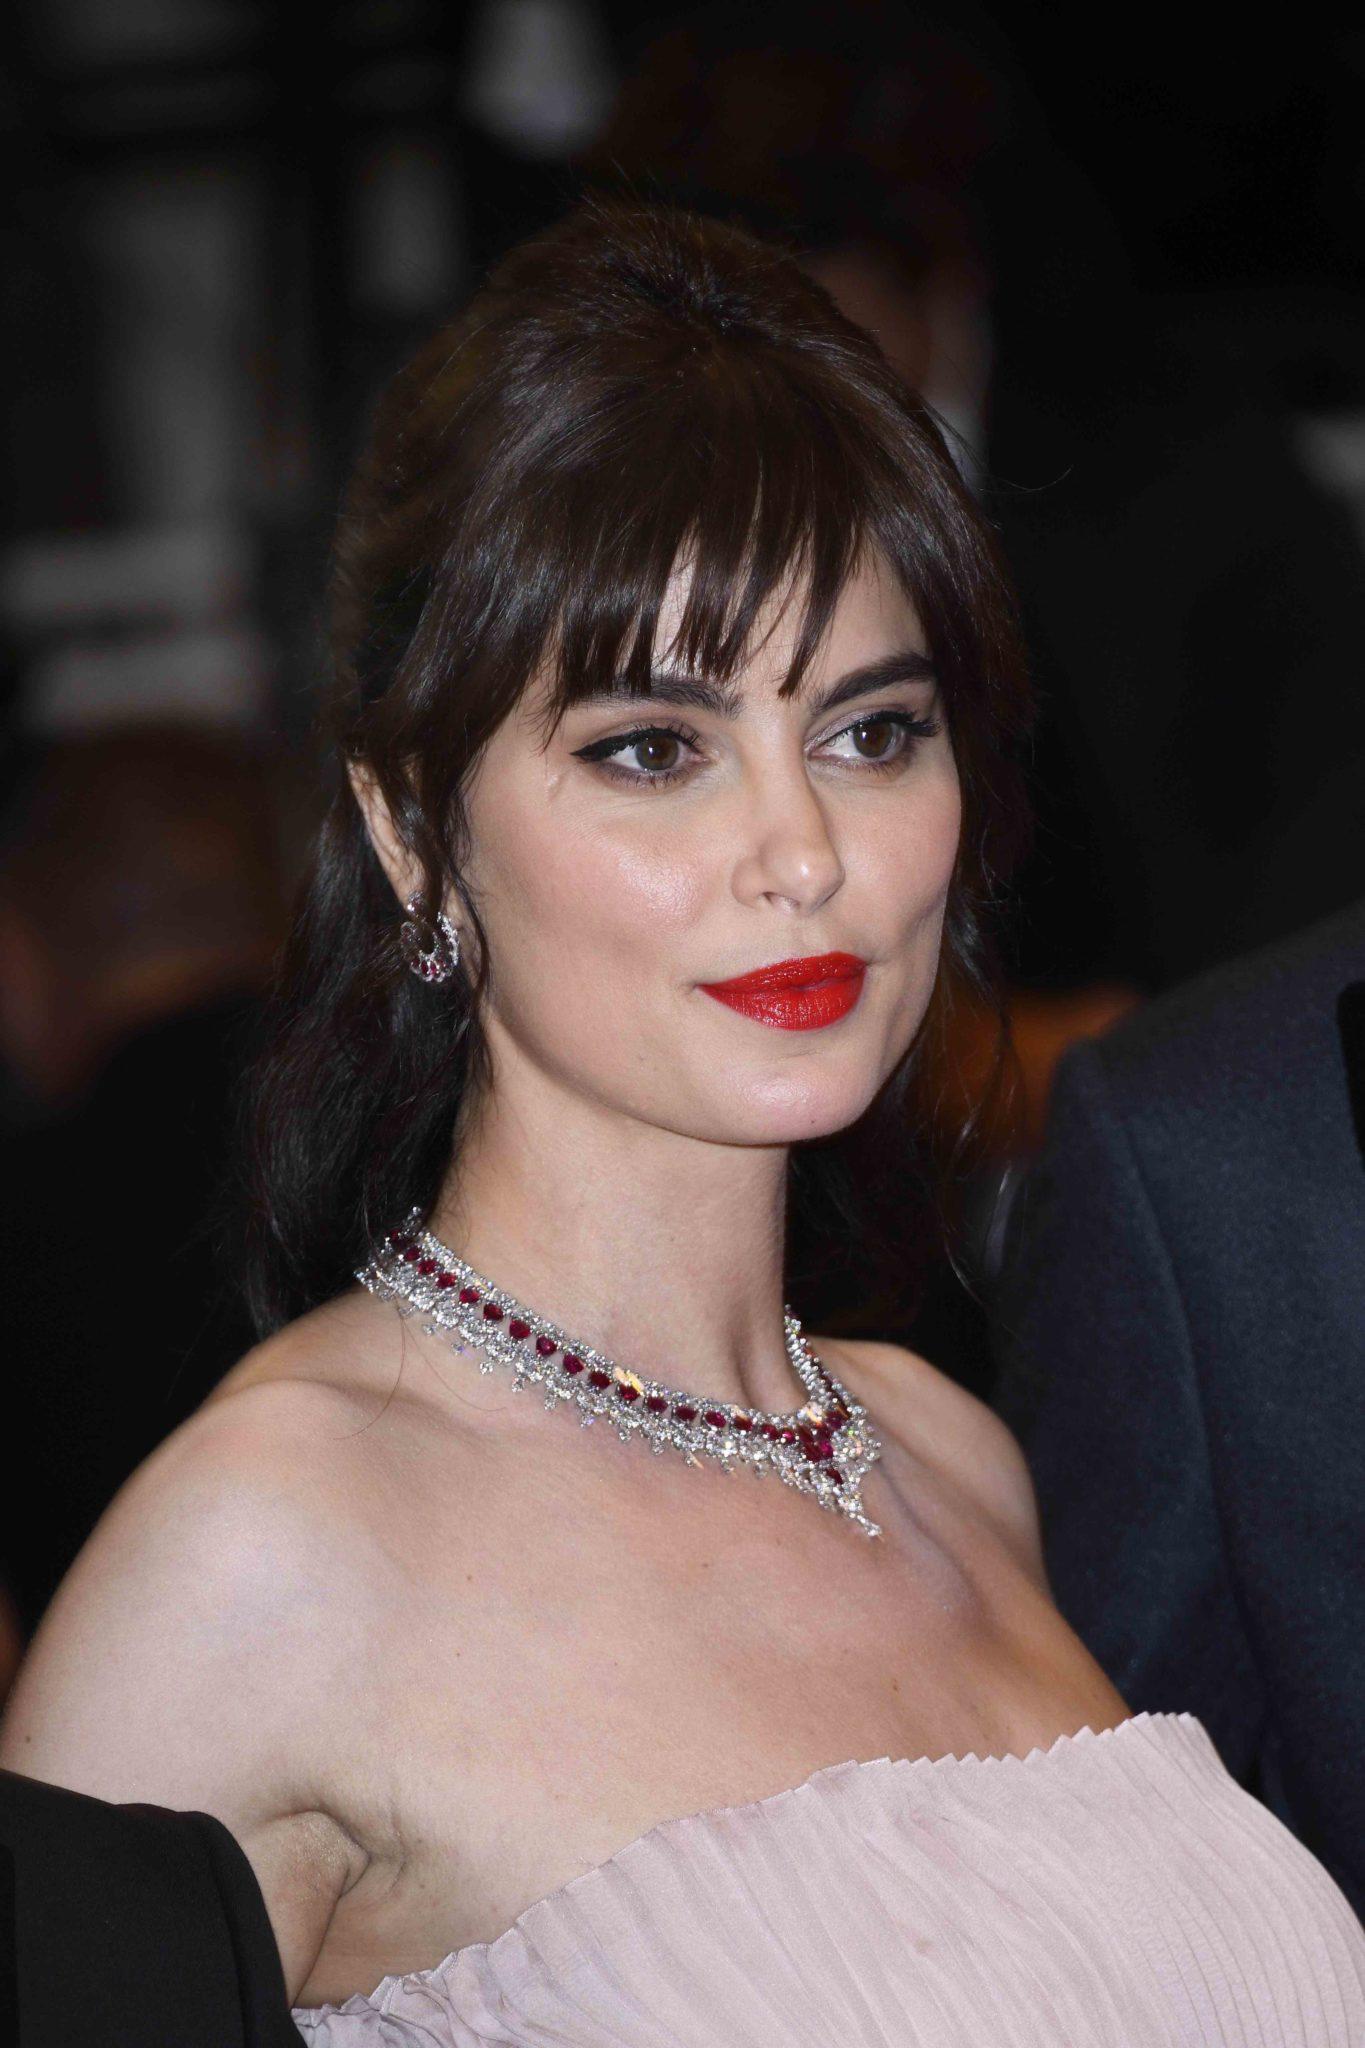 Catrinel Marlon alla serata di presentazione del suo film 'La Gomera' diretto da Cornielu Porumboiu a Cannes, hair Cotril